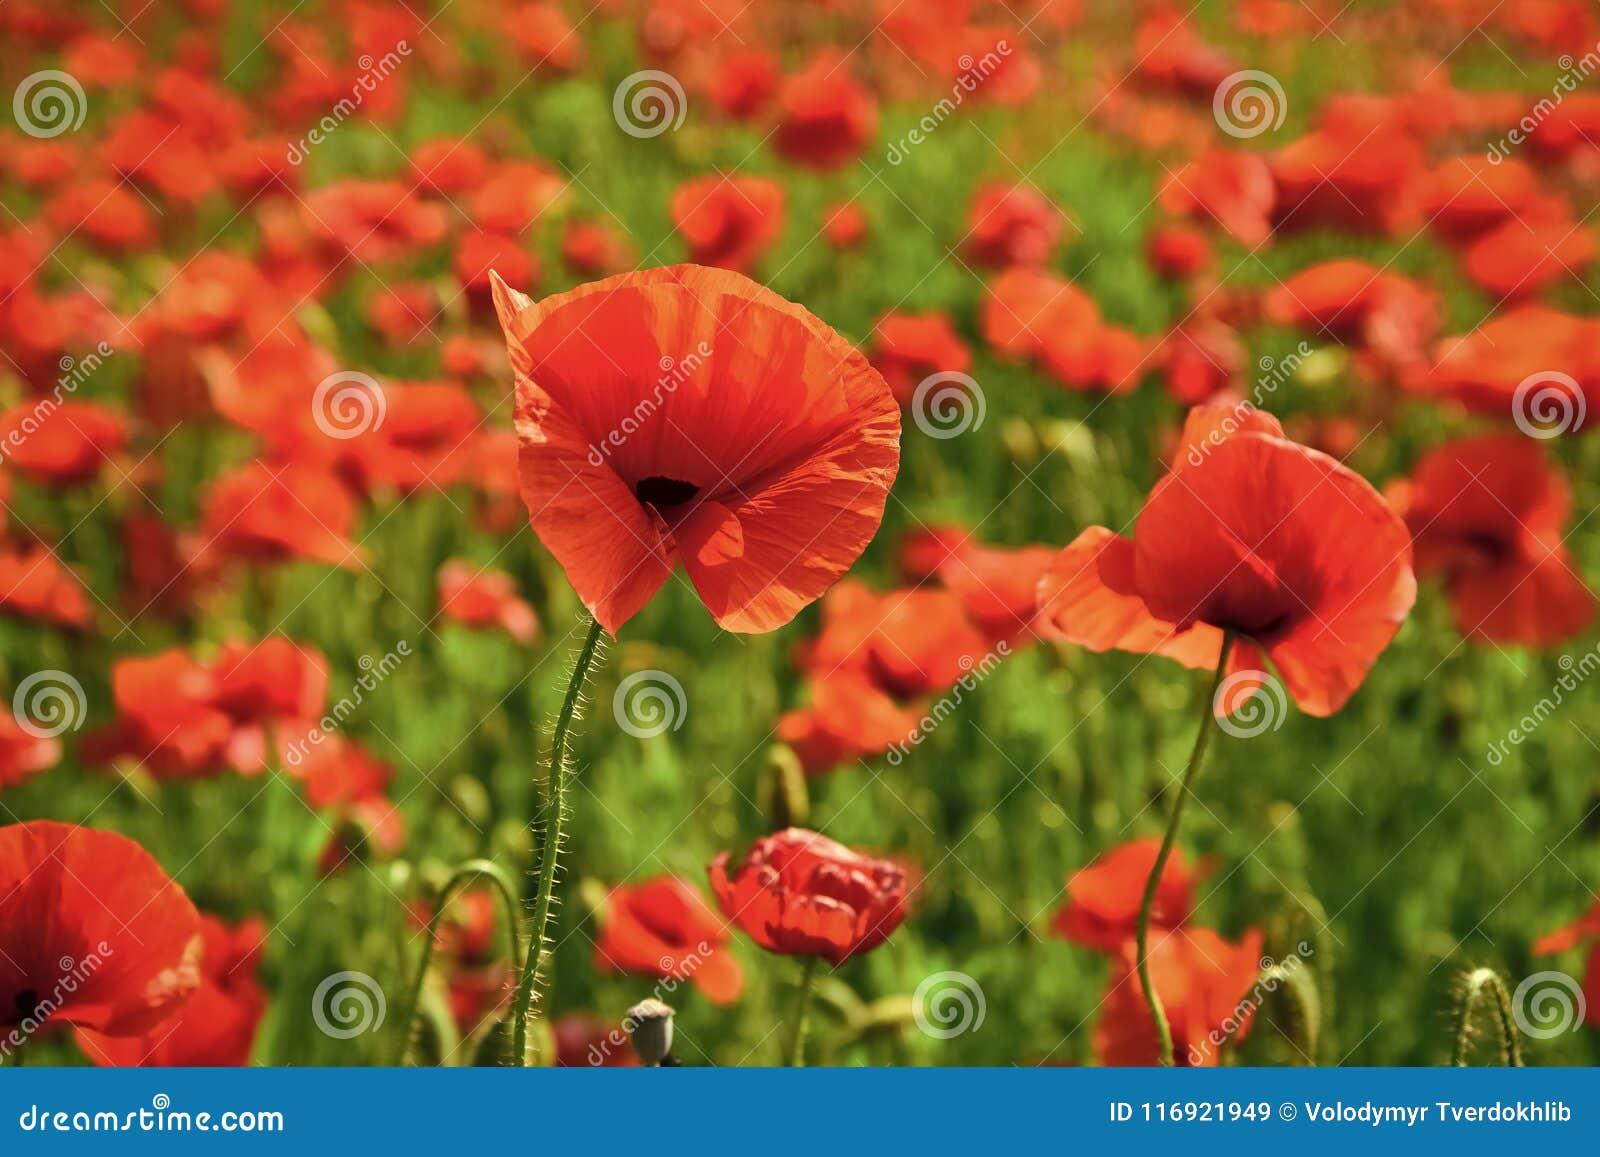 Ημέρα ενθύμησης, ημέρα Anzac, ηρεμία